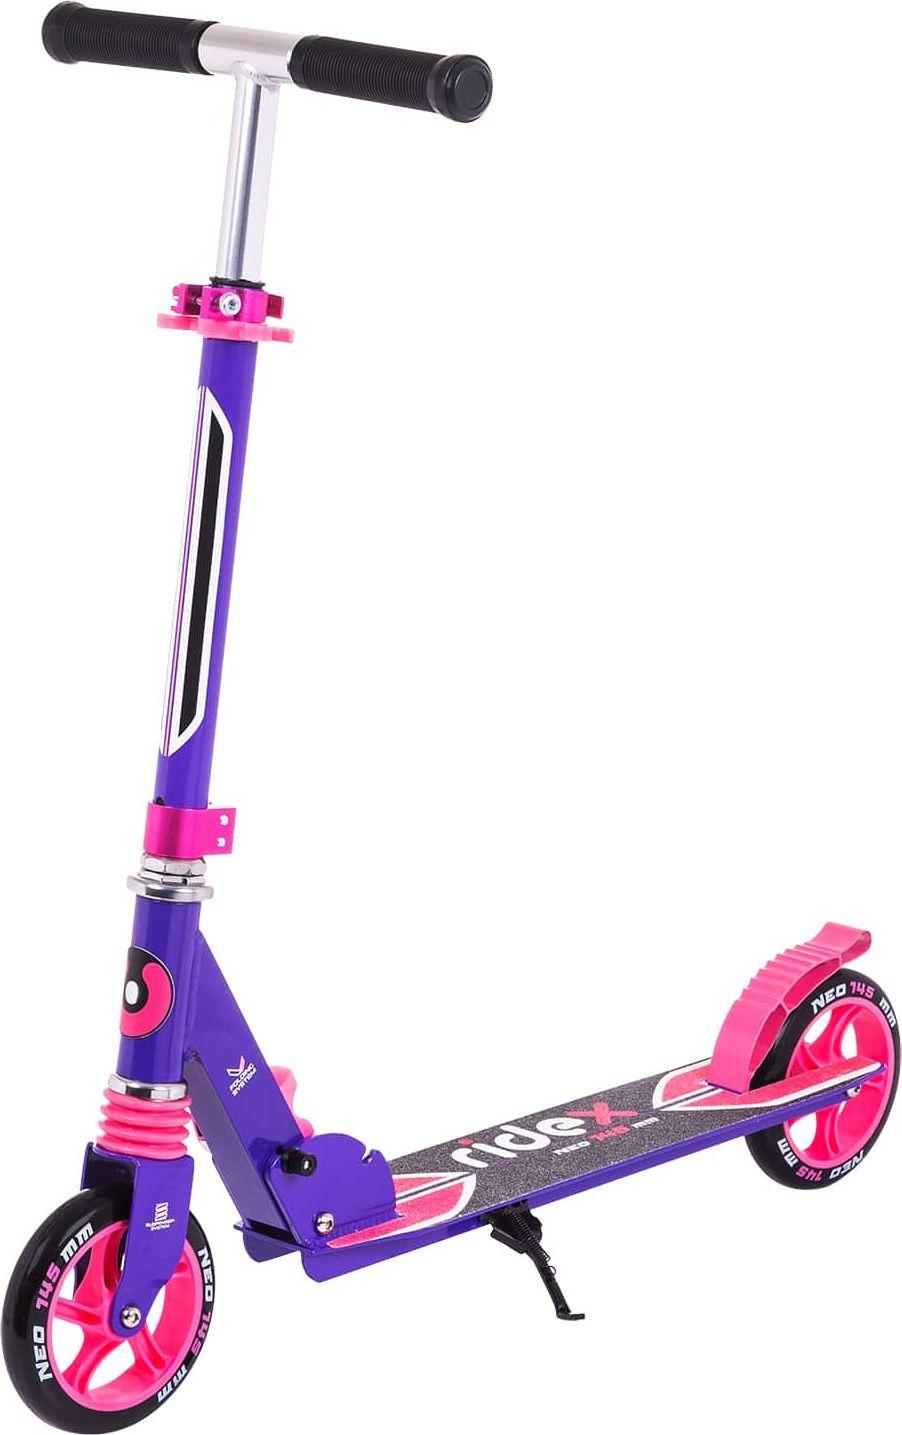 Самокат Ridex Neo, 2-колесный, цвет: фиолетовый, розовый, 145 ммУТ-00011559Прочный алюминиевый самокат с 145-миллиметровыми колесами для городского катания. Износостойкие резиновые грипсы повышают сцепление с ладонями. Передний амортизатор помогает сгладить неровности дороги. Максимальный вес райдера 70 кг - на самокате может прокатиться не только школьник, но и взрослый человек. Надпись Ridex с названием модели самоката на антискользящем покрытии деки.Характеристики:Состав конструкции: 100% высокопрочный алюминийРуль, высота (см): 69/76/83Грипсы, материал: резина Дека, длина (см): 46Дека, ширина (см): 12Колеса, диаметр (мм): 145Колеса: полиуретан Подшипник: ABEC - 7Система складывания: естьАмортизатор: переднийМаксимальный вес пользователя, кг: 70Вес без коробки, кг: 2,97